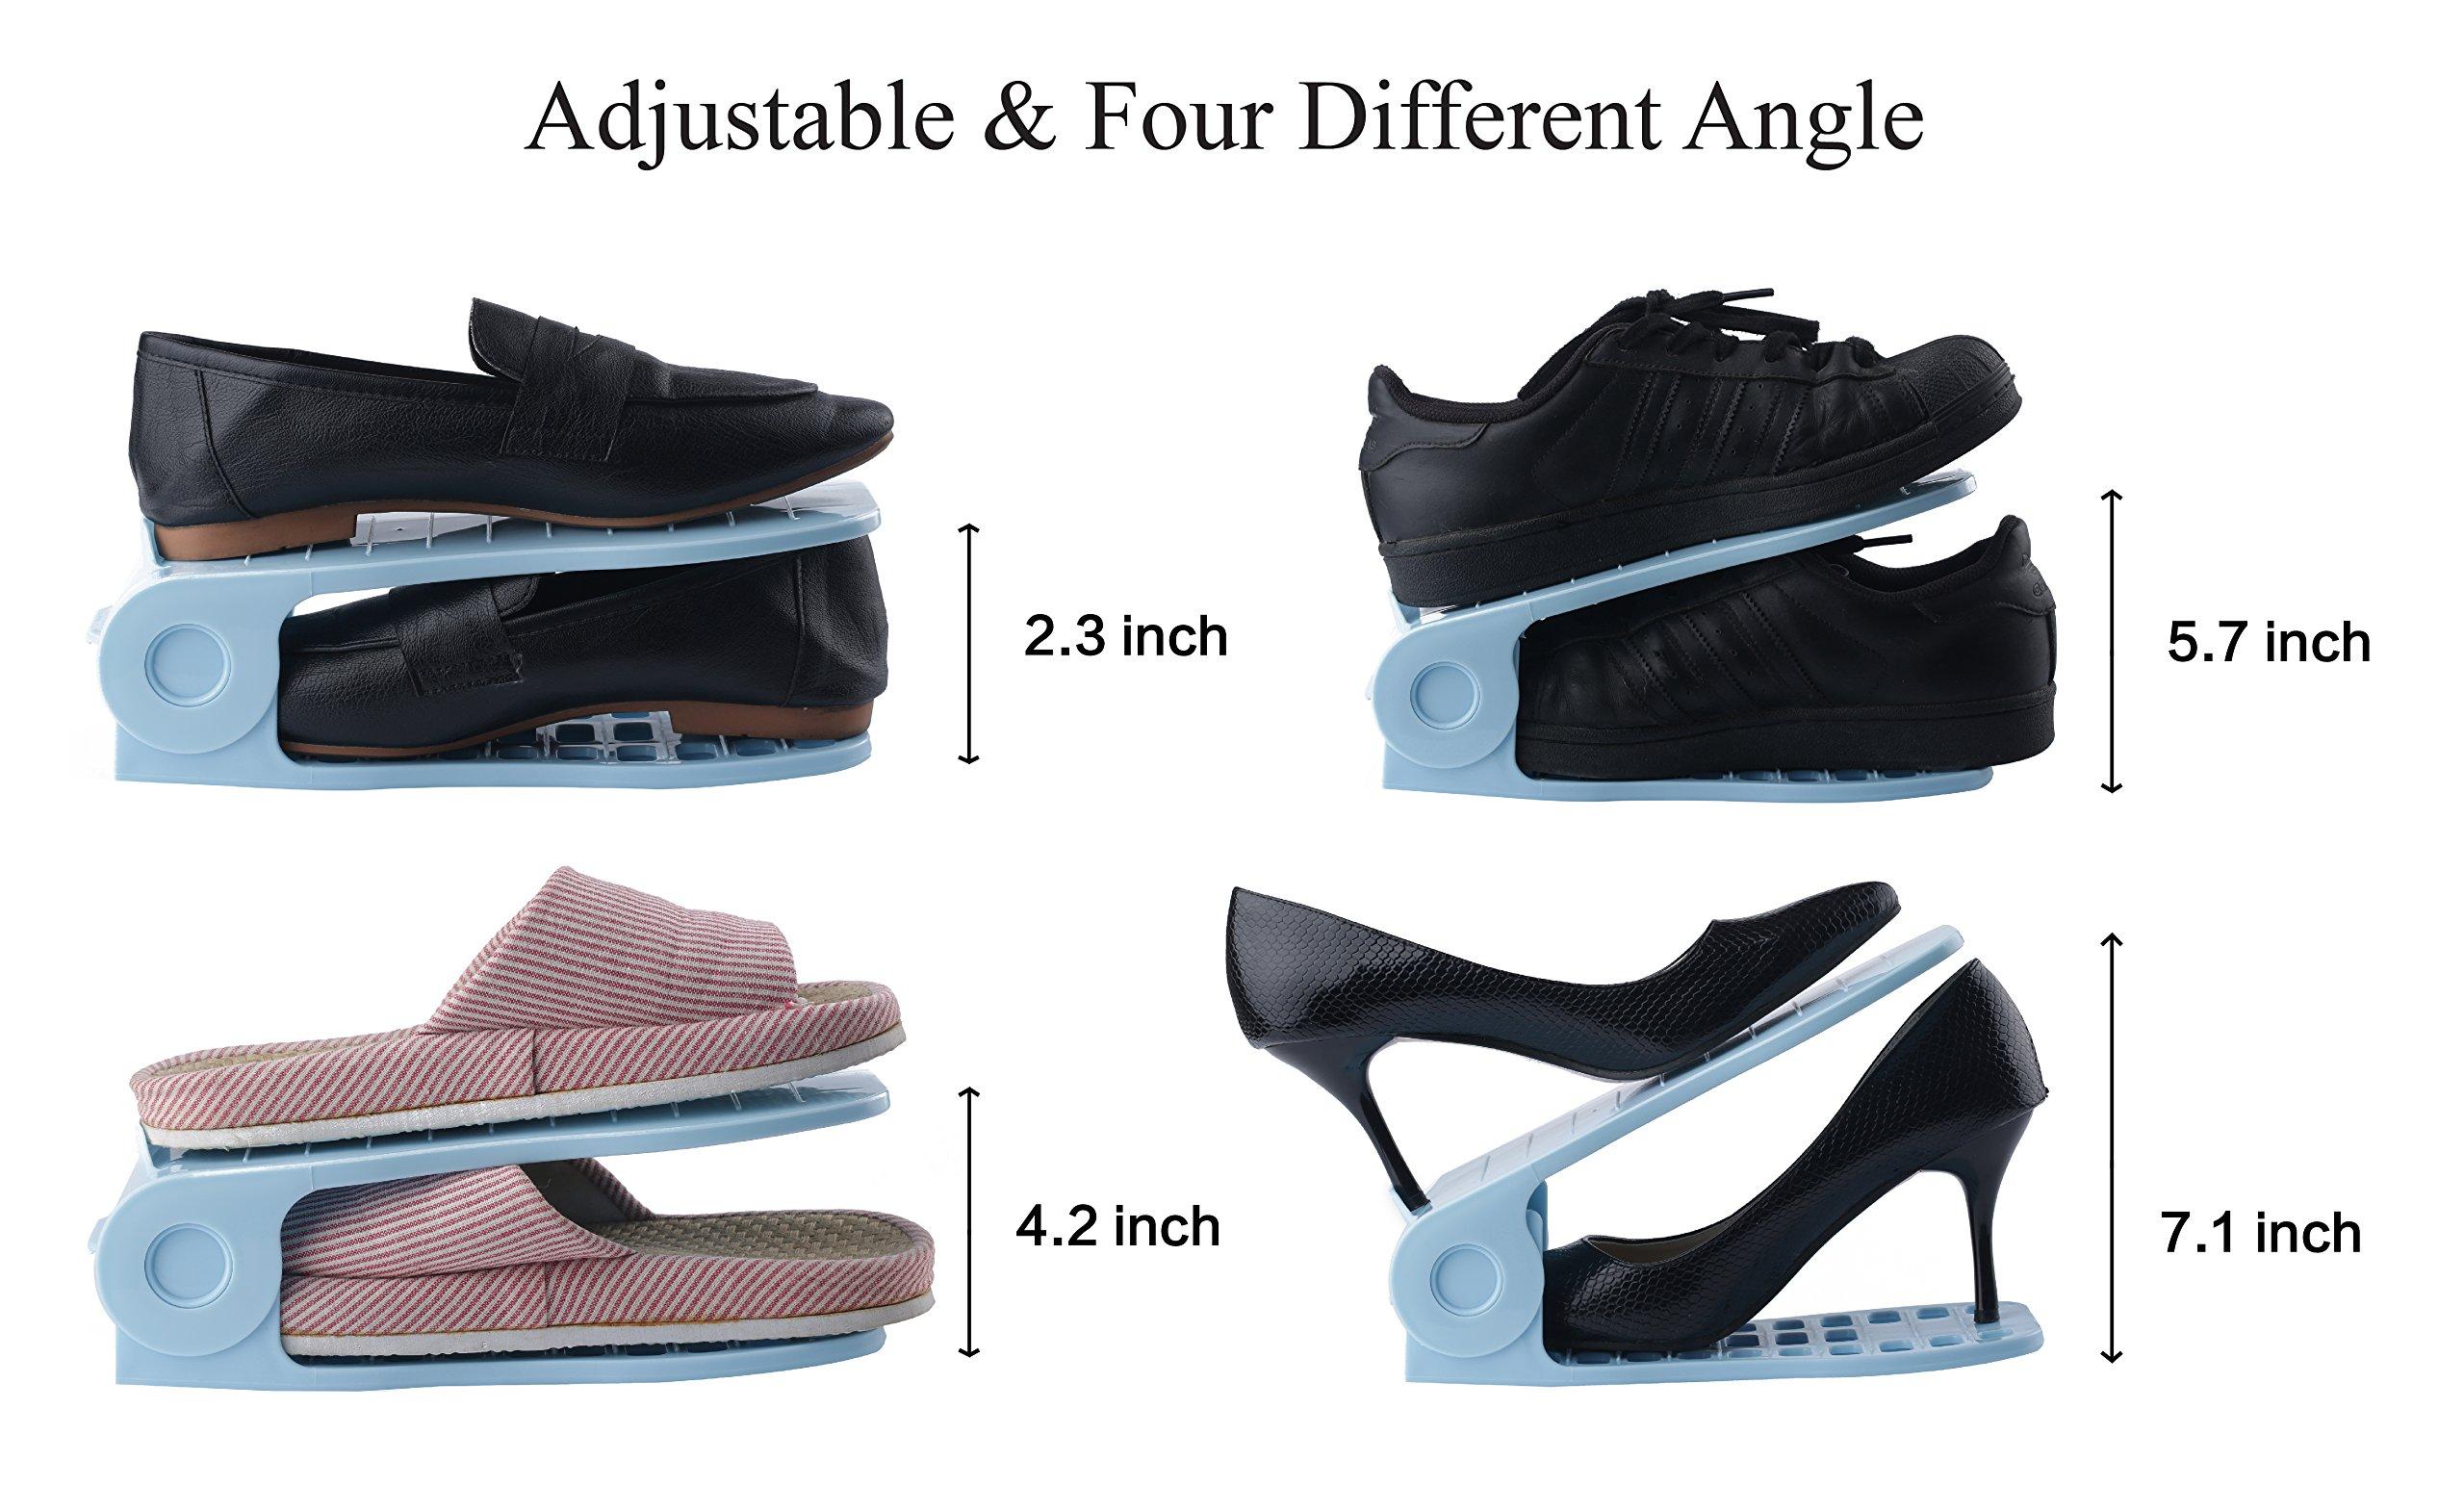 Mouselemur Shoe Slots Space Saver Shoe Stand Organizer | Adjustable Shoe Rack 6 Piece Set by Mouselemur (Image #3)